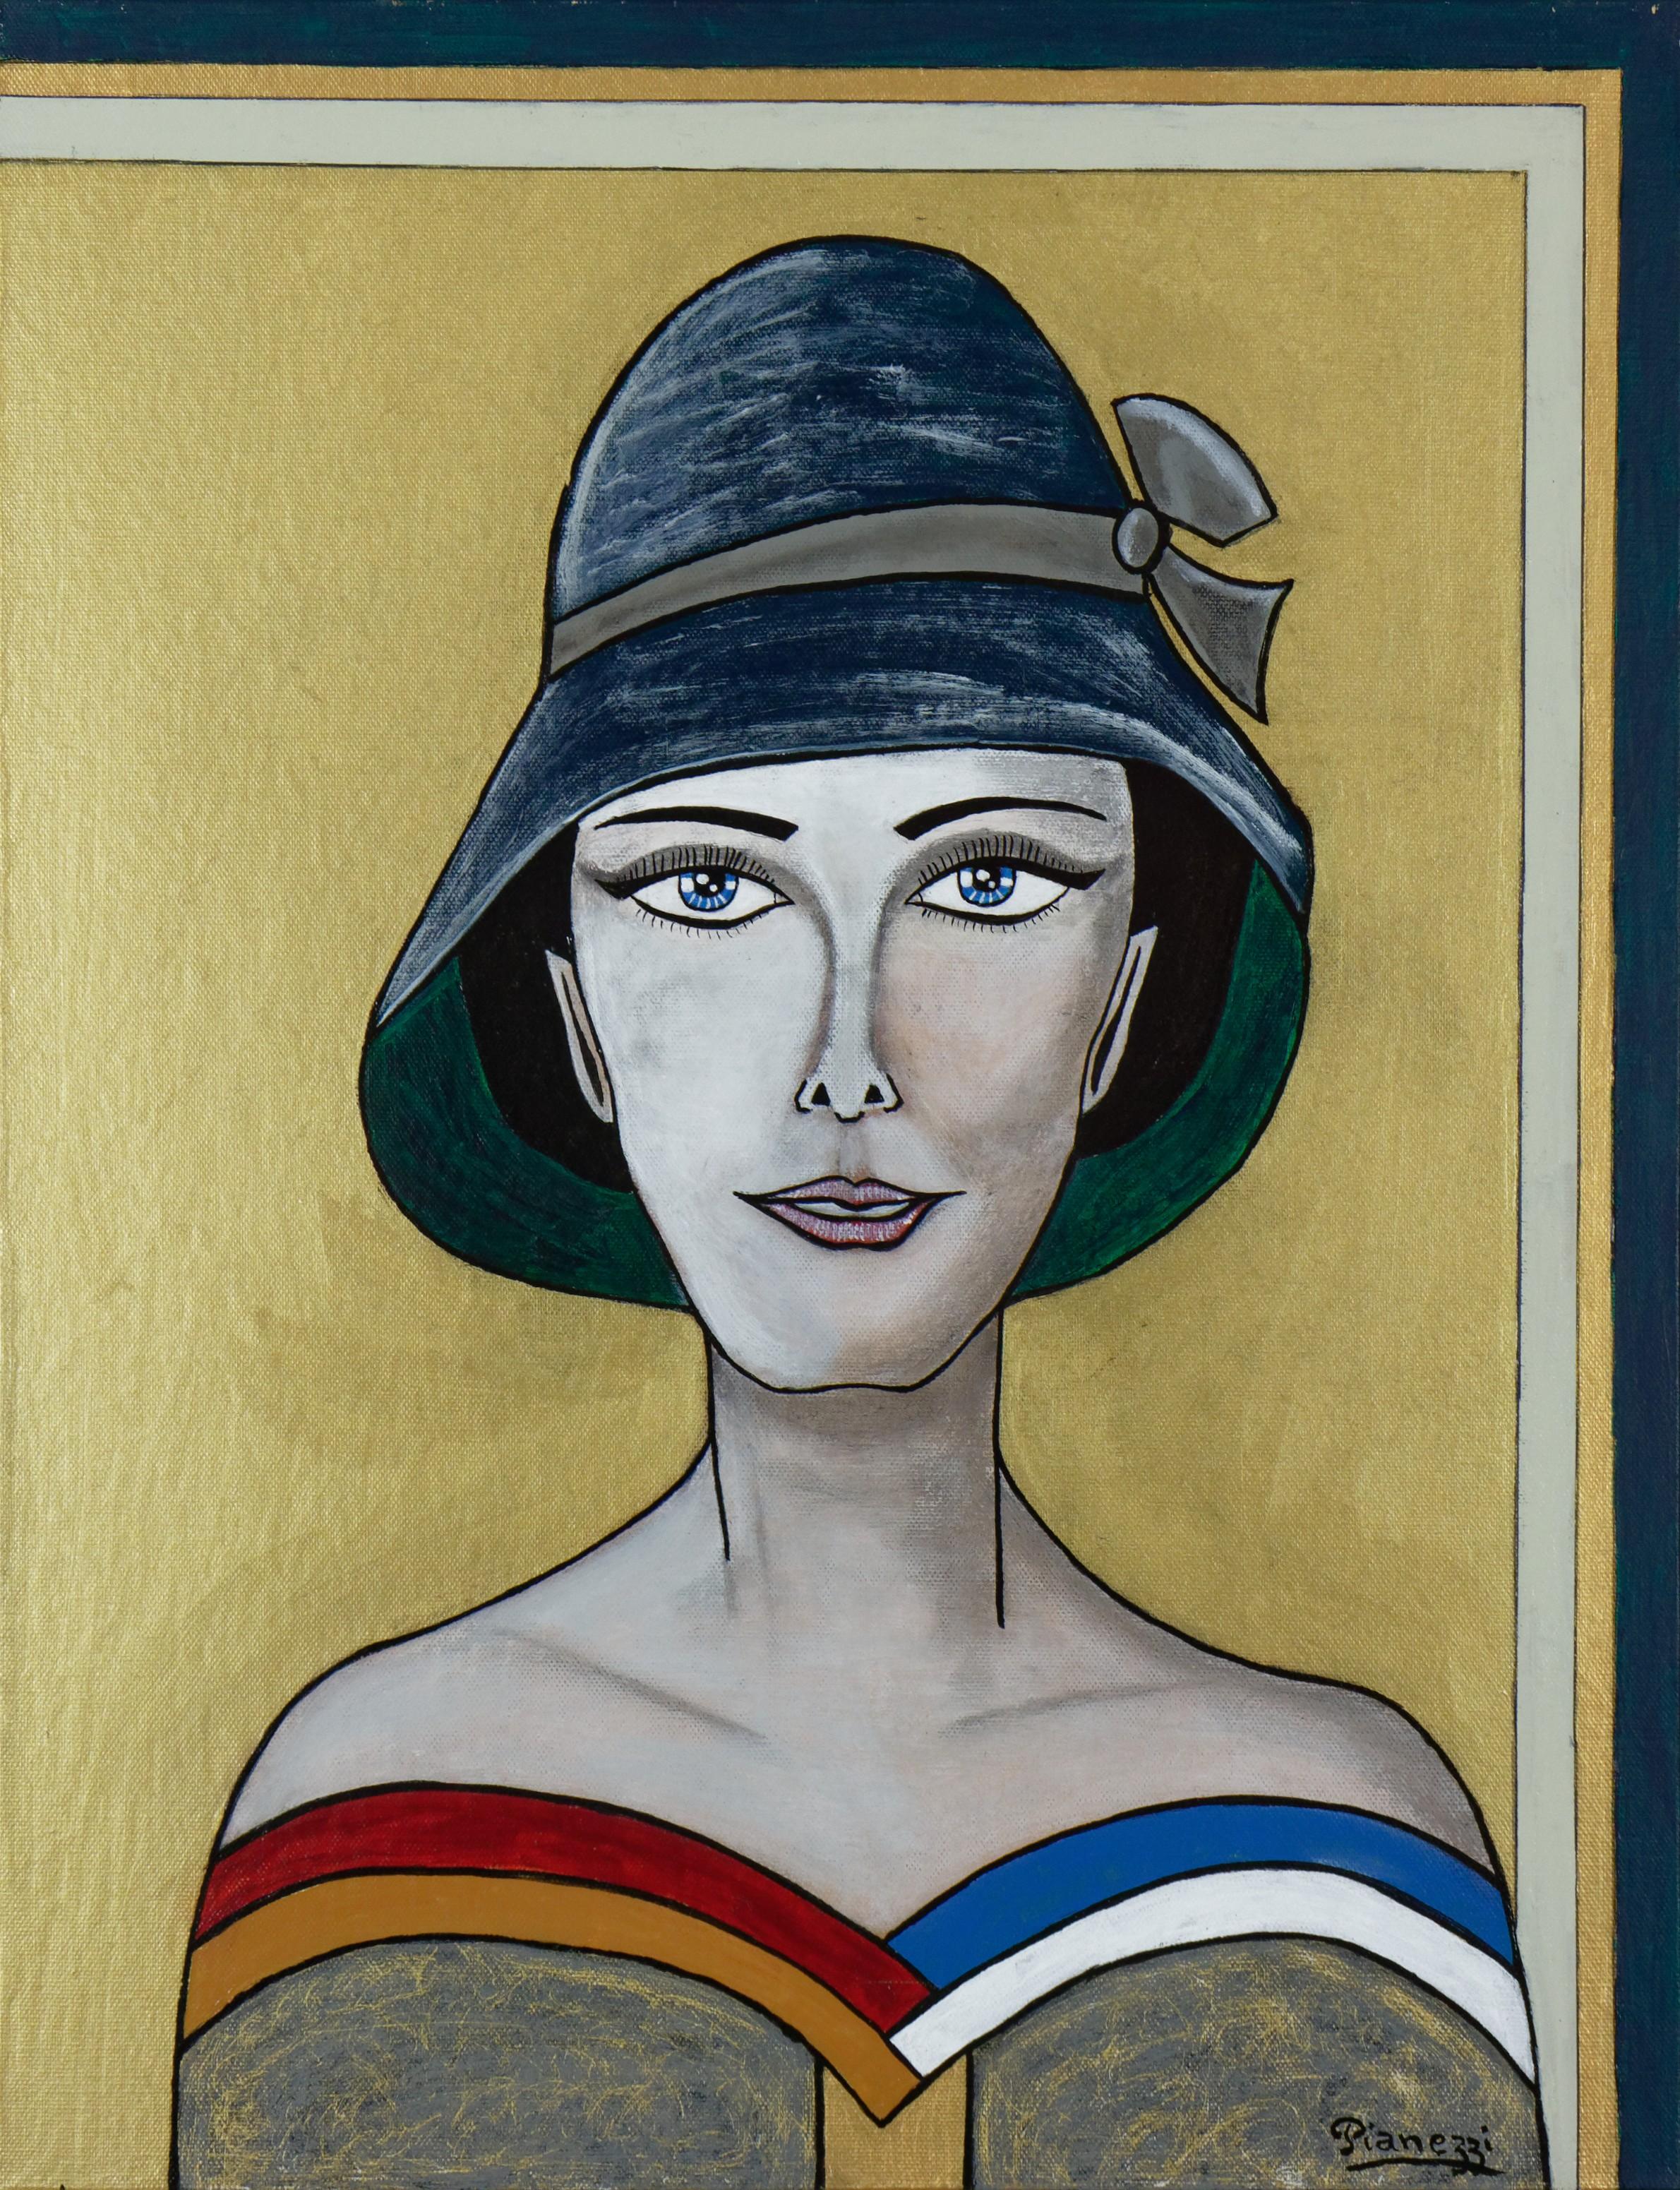 pianezzi-grazellia-portrait-peinture